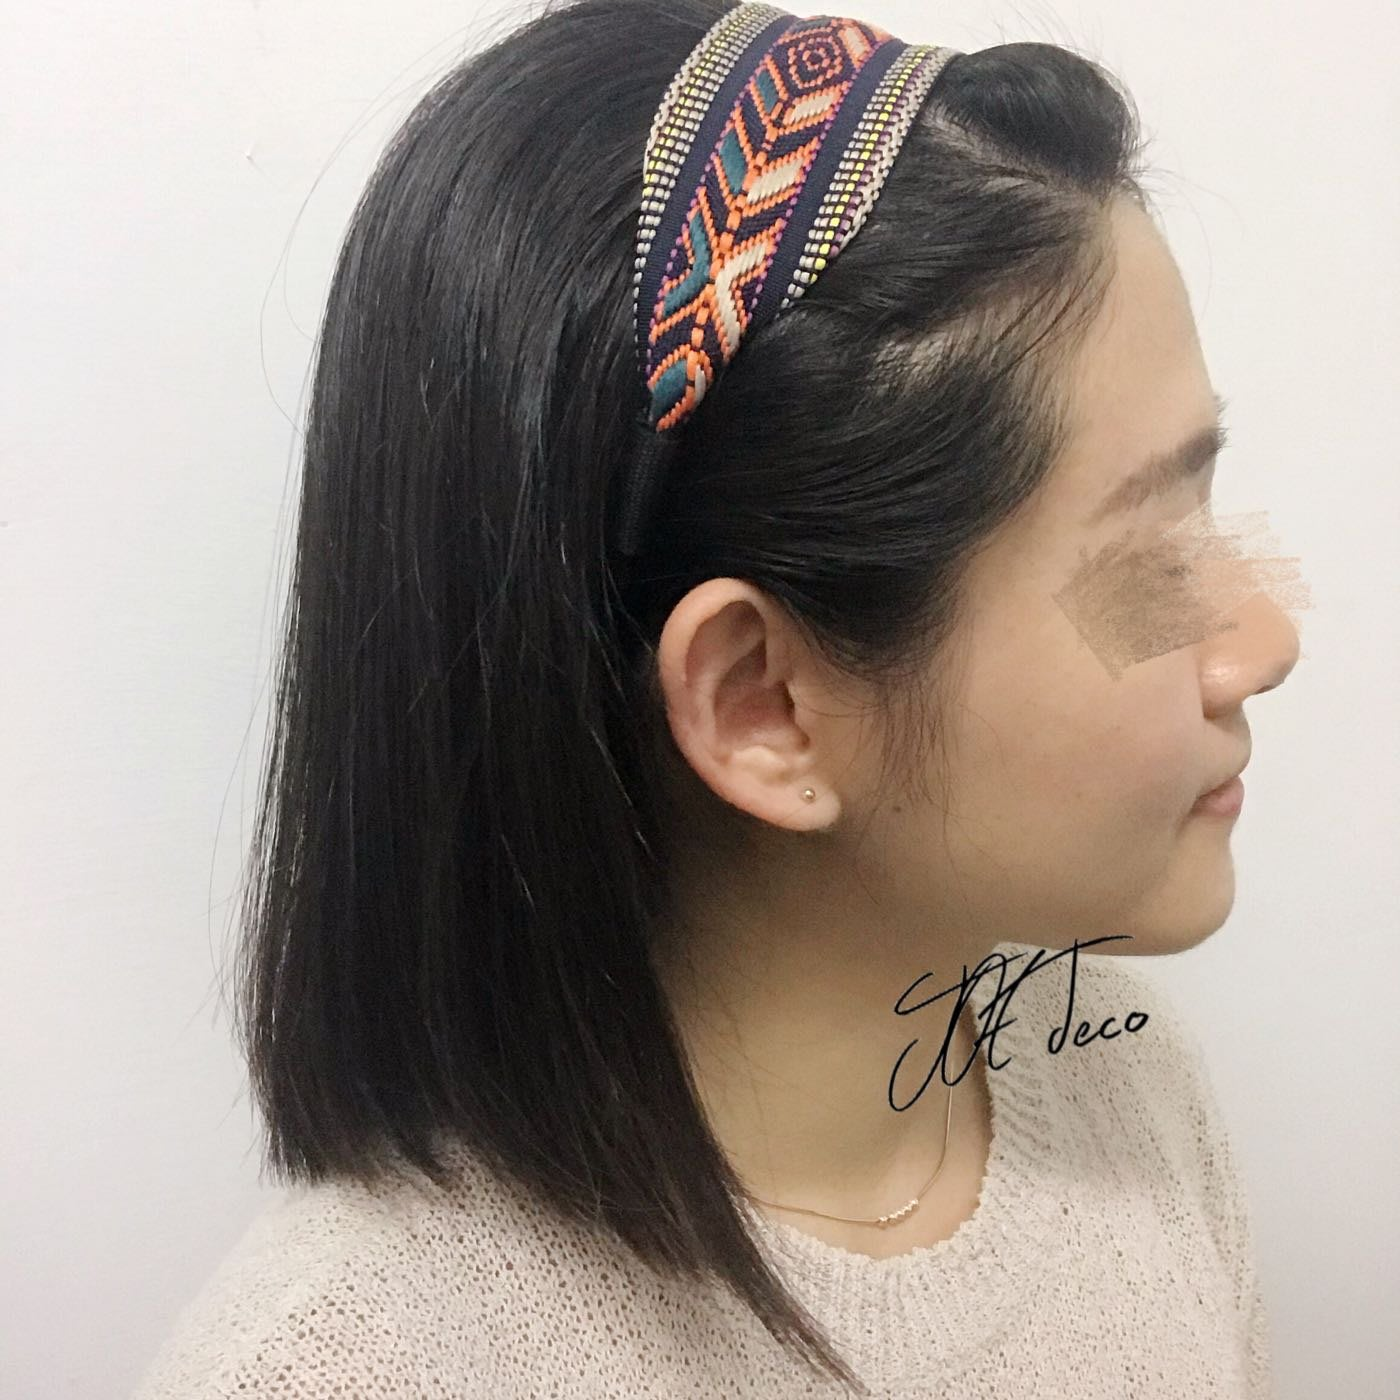 JOE deco▫️手作寬版髮帶 買1送1